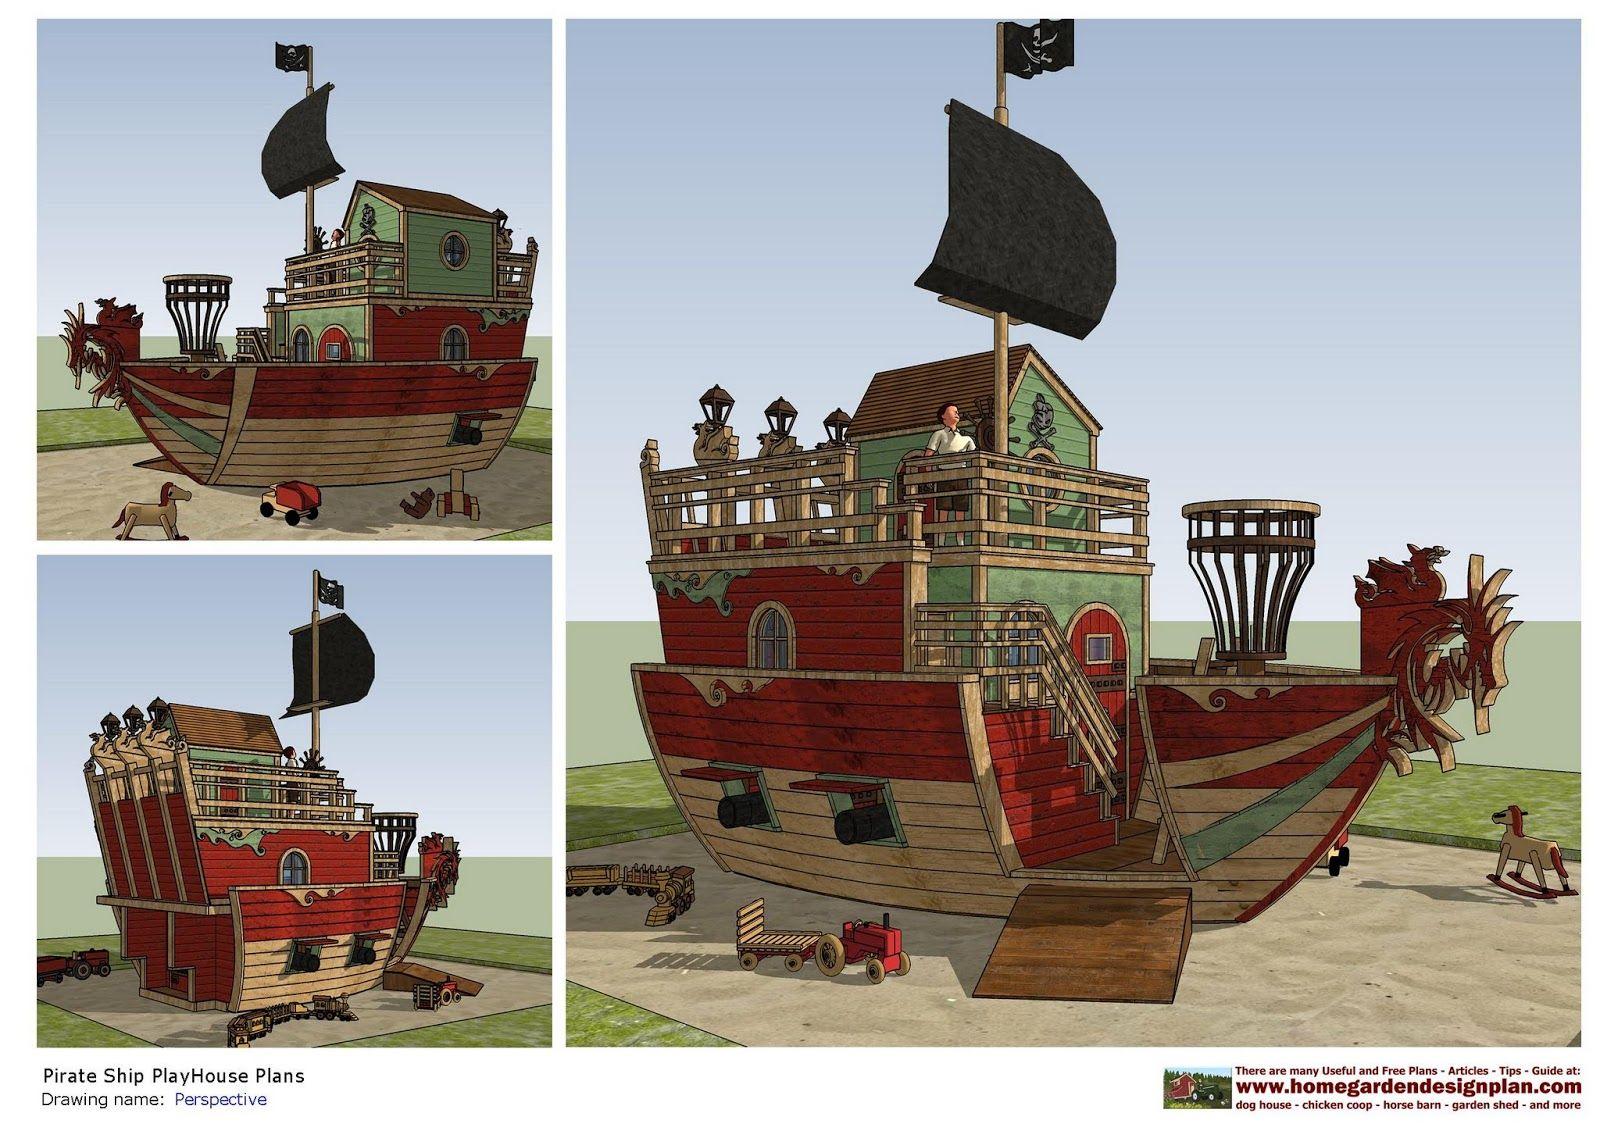 Home Garden Plans: PS100   Pirates Ship PlayHouse Plans   PlayHouse Design    PlayHouse Plans Construction